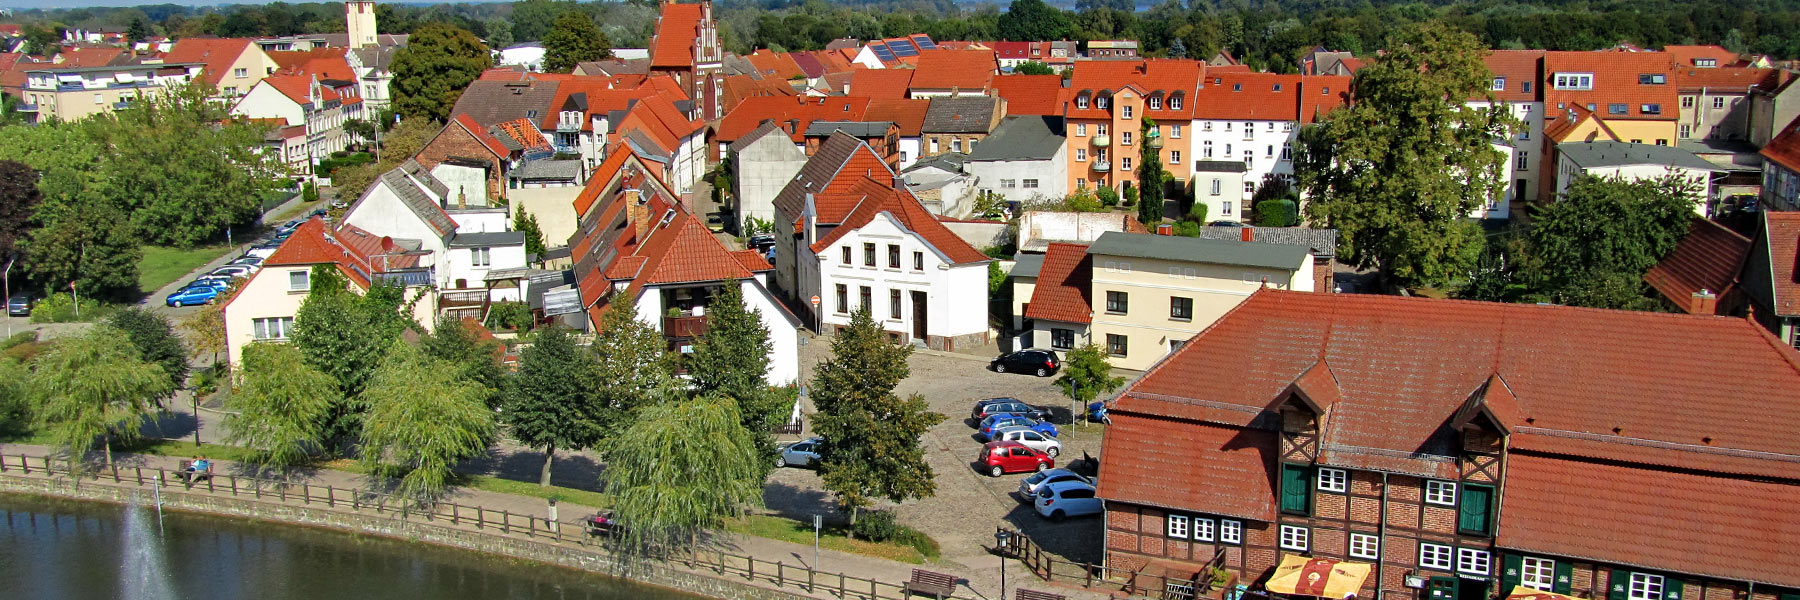 Luftbild - Stadt Teterow